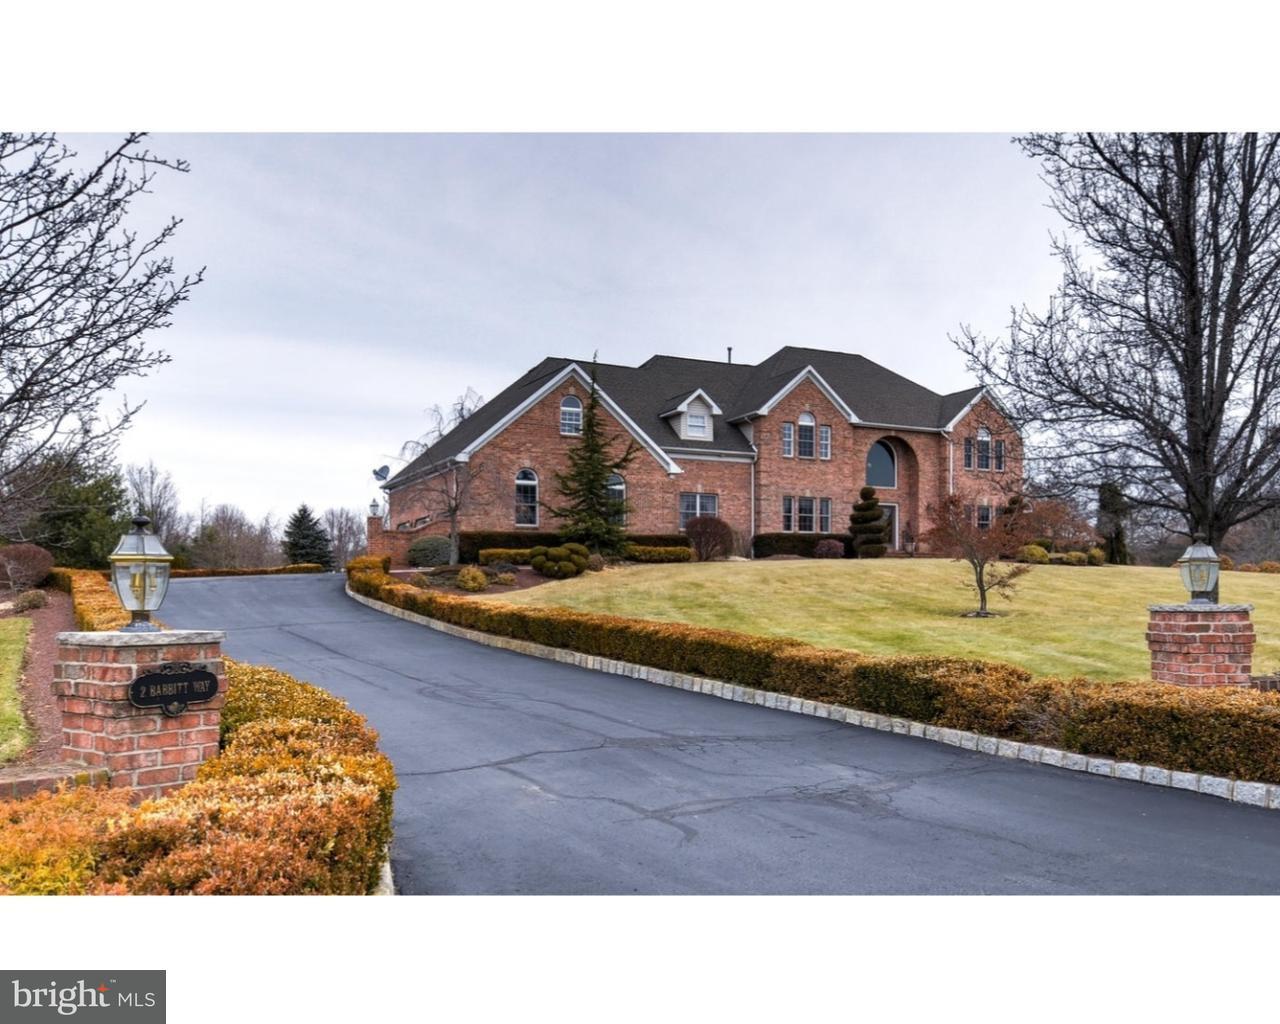 Einfamilienhaus für Verkauf beim 2 BABBITT WAY Allentown, New Jersey 08501 Vereinigte StaatenIn/Rund um: Upper Freehold Township